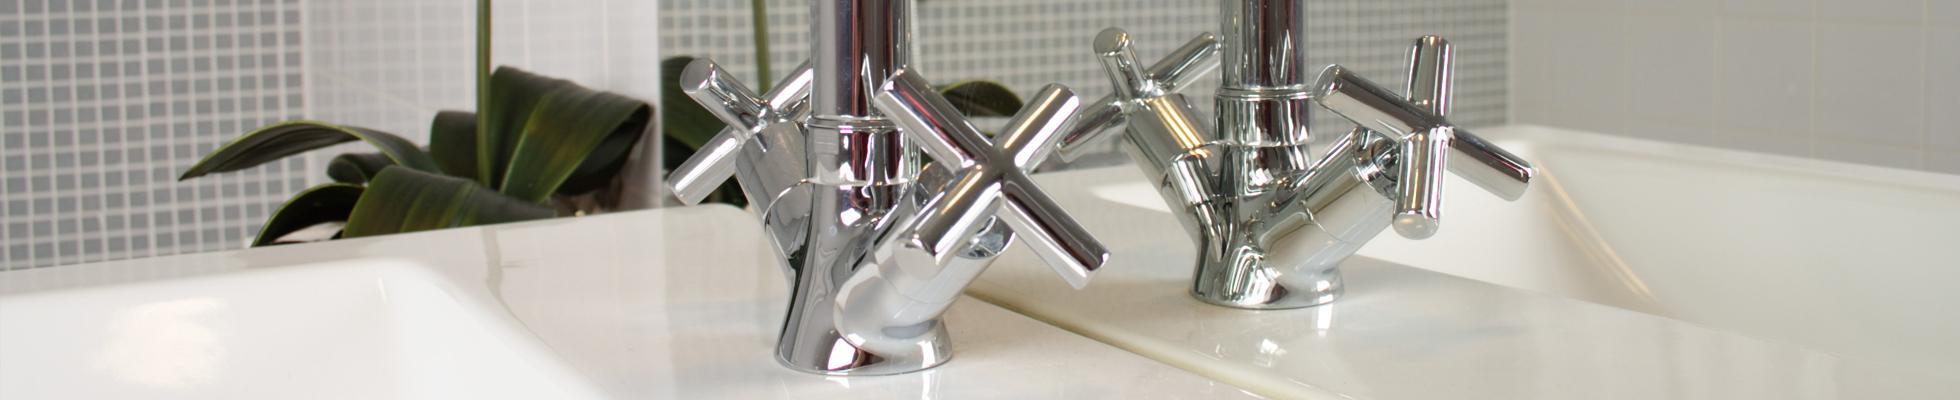 nieuwe badkamer installeren badkamer specialist